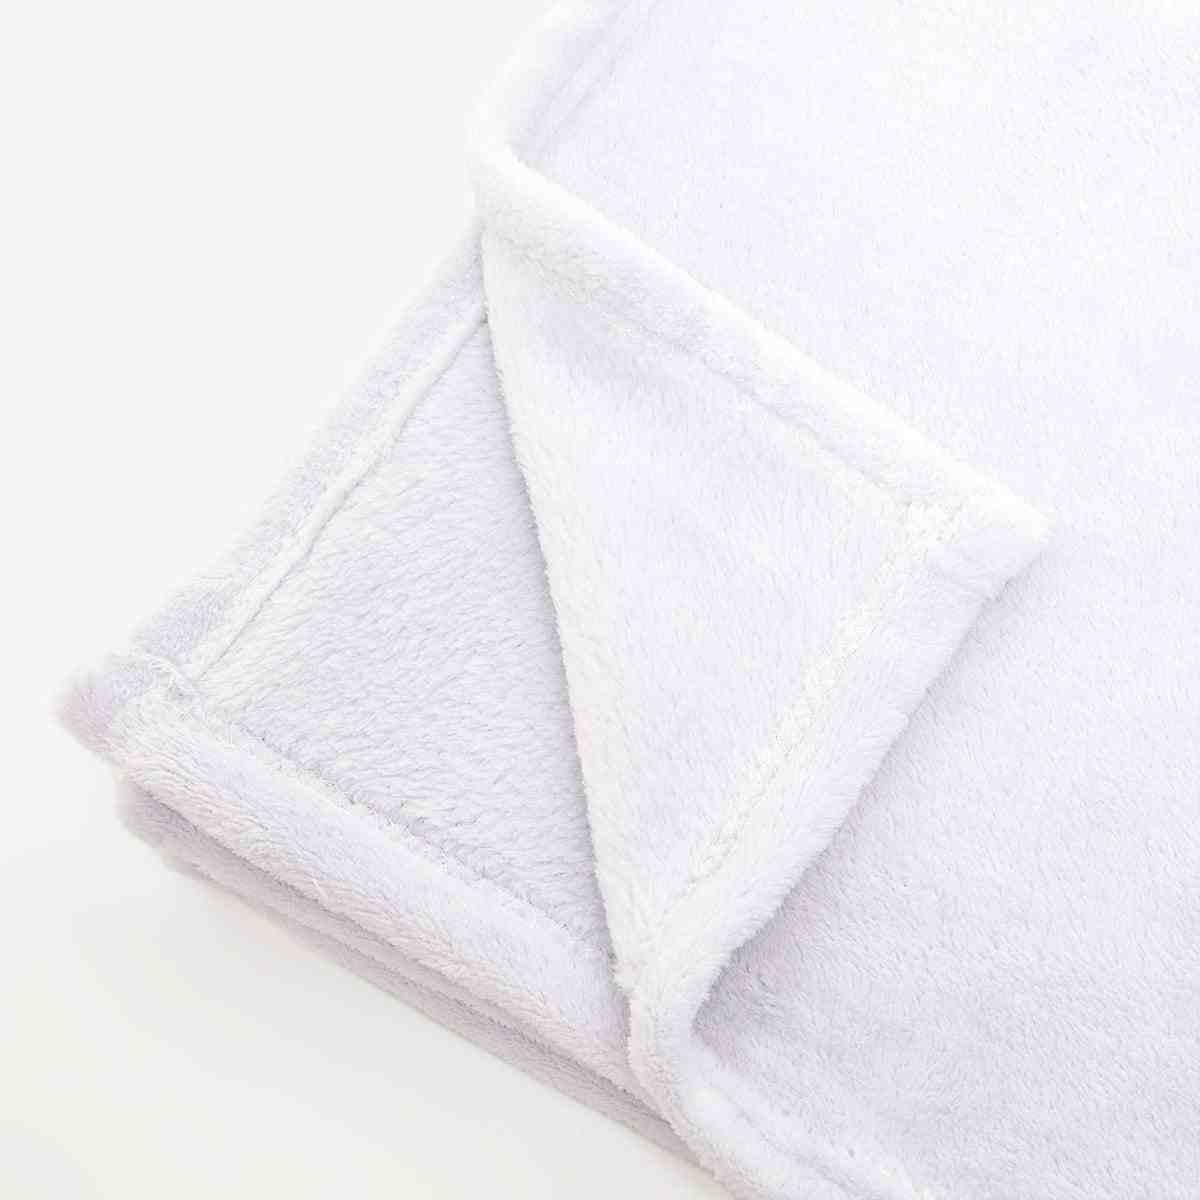 Одеяло для дивана с рисунком таксы, милое детское дизайнерское поучительное одеяло для таксы, рождественские украшения для дома, одеяло на заказ